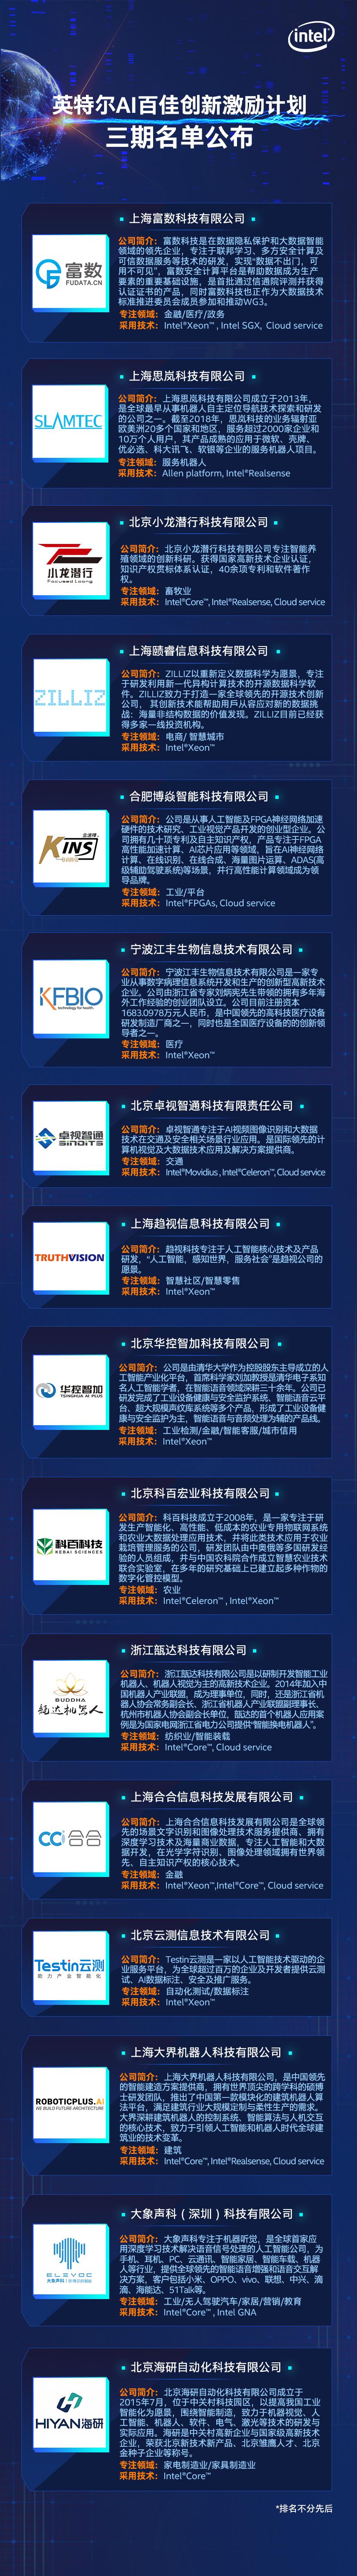 """亚博竞猜科技荣膺2020年度""""英特尔AI百佳创新激励计划优秀团队"""""""